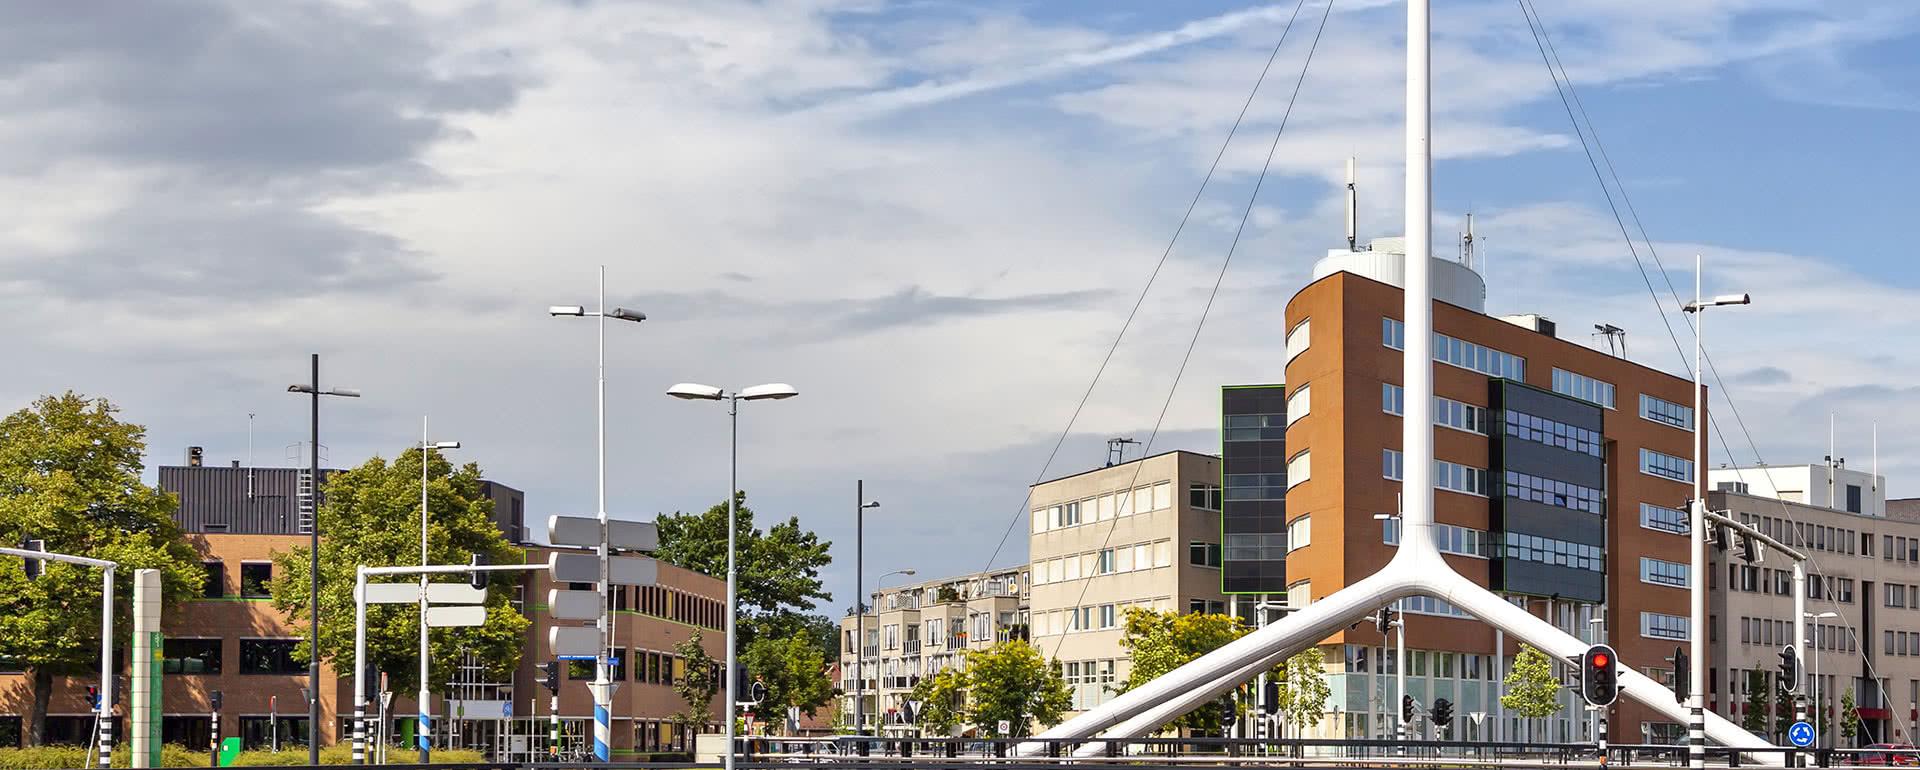 Titelbild von Eindhoven